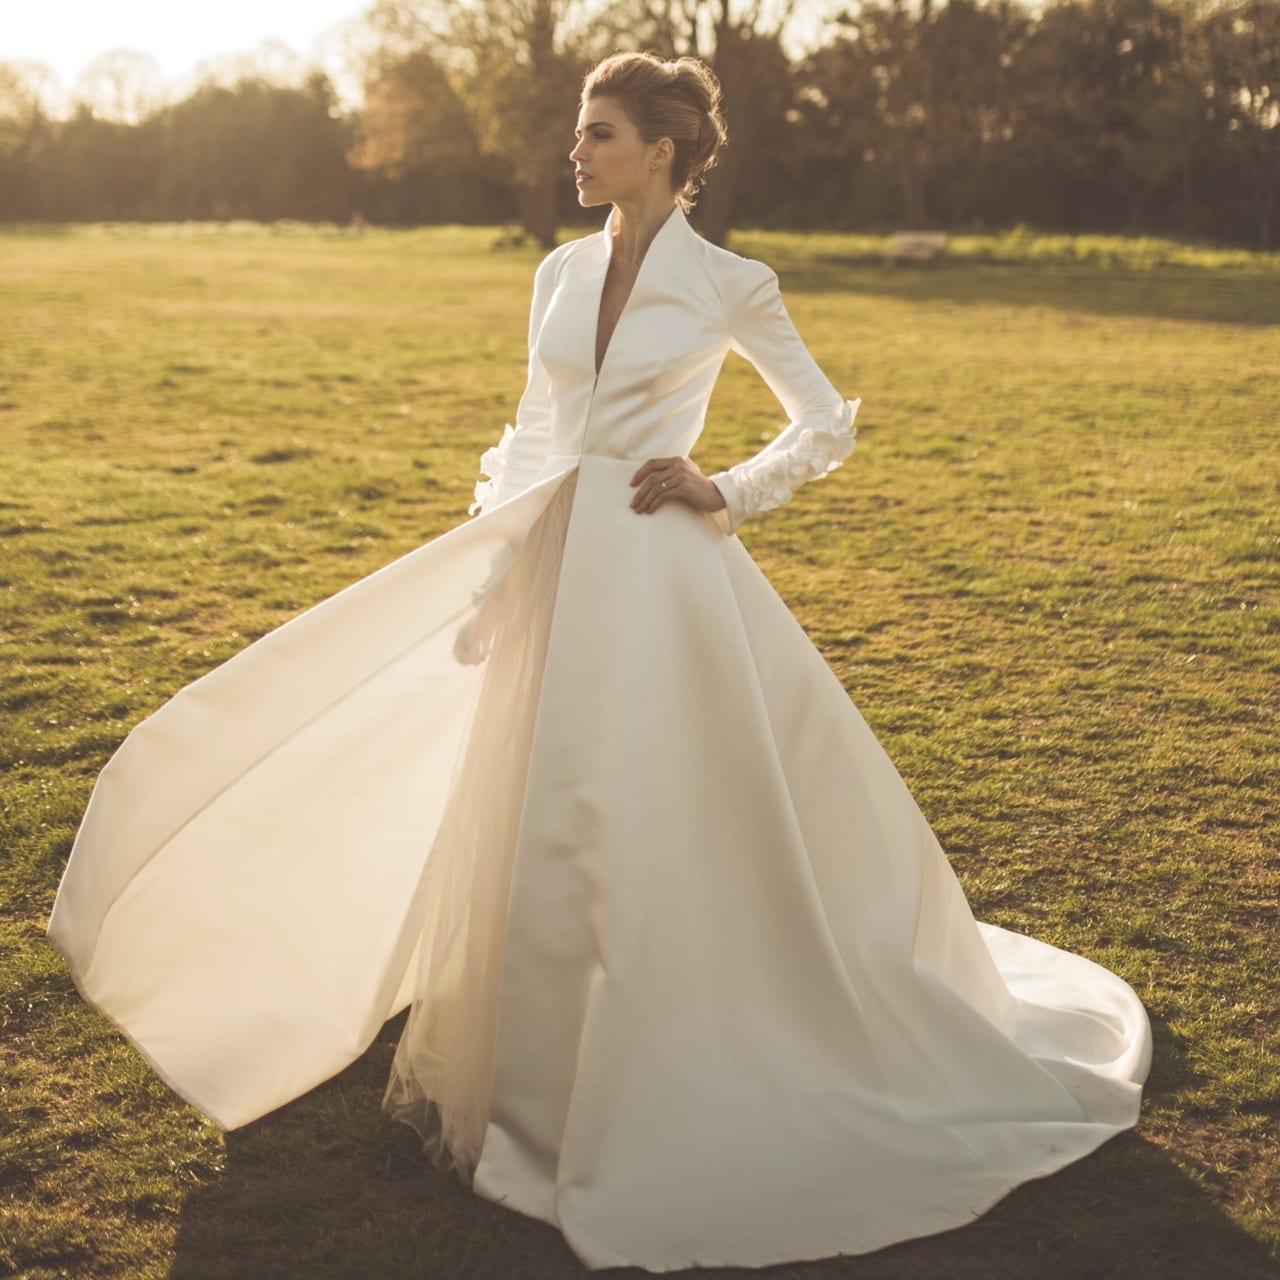 Bridal winter coat